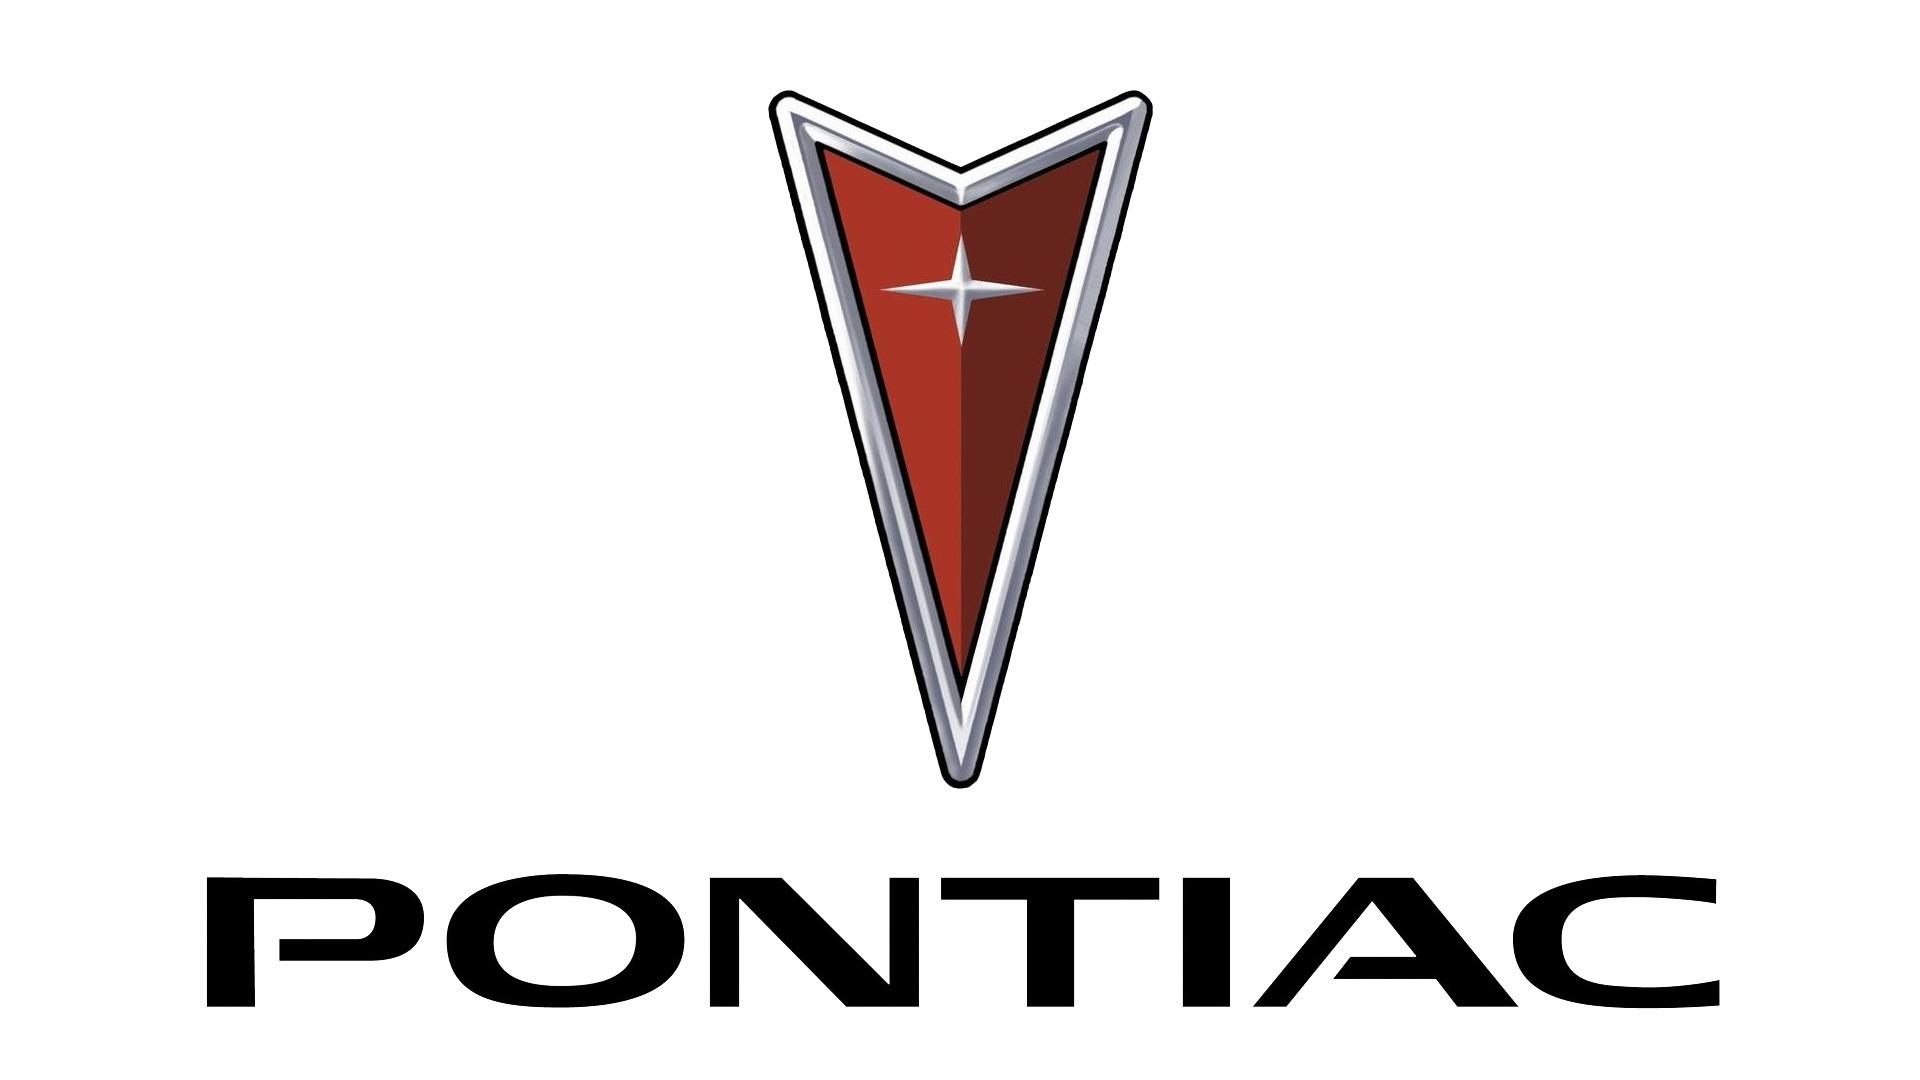 Imagen logo de Pontiac